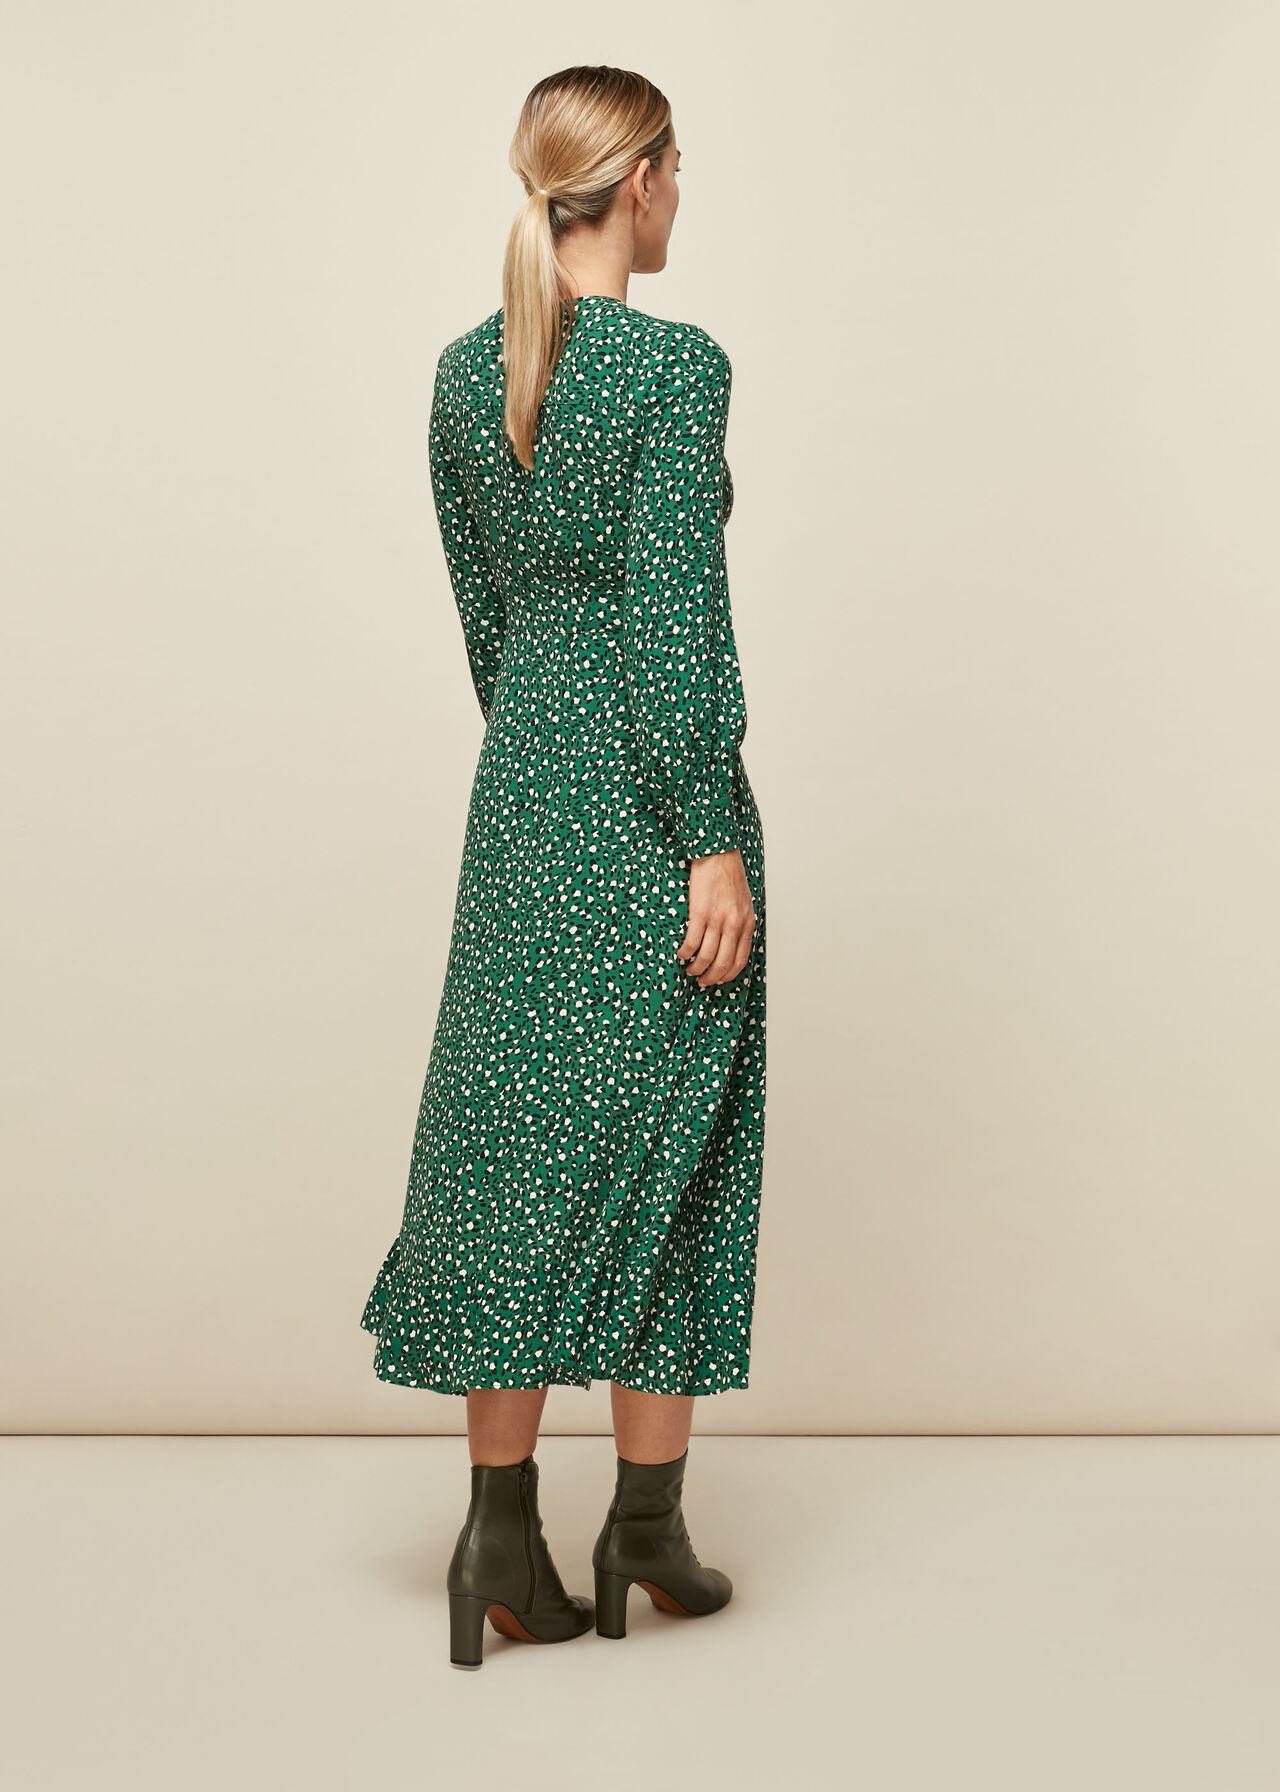 Wild Leopard Print Midi Dress